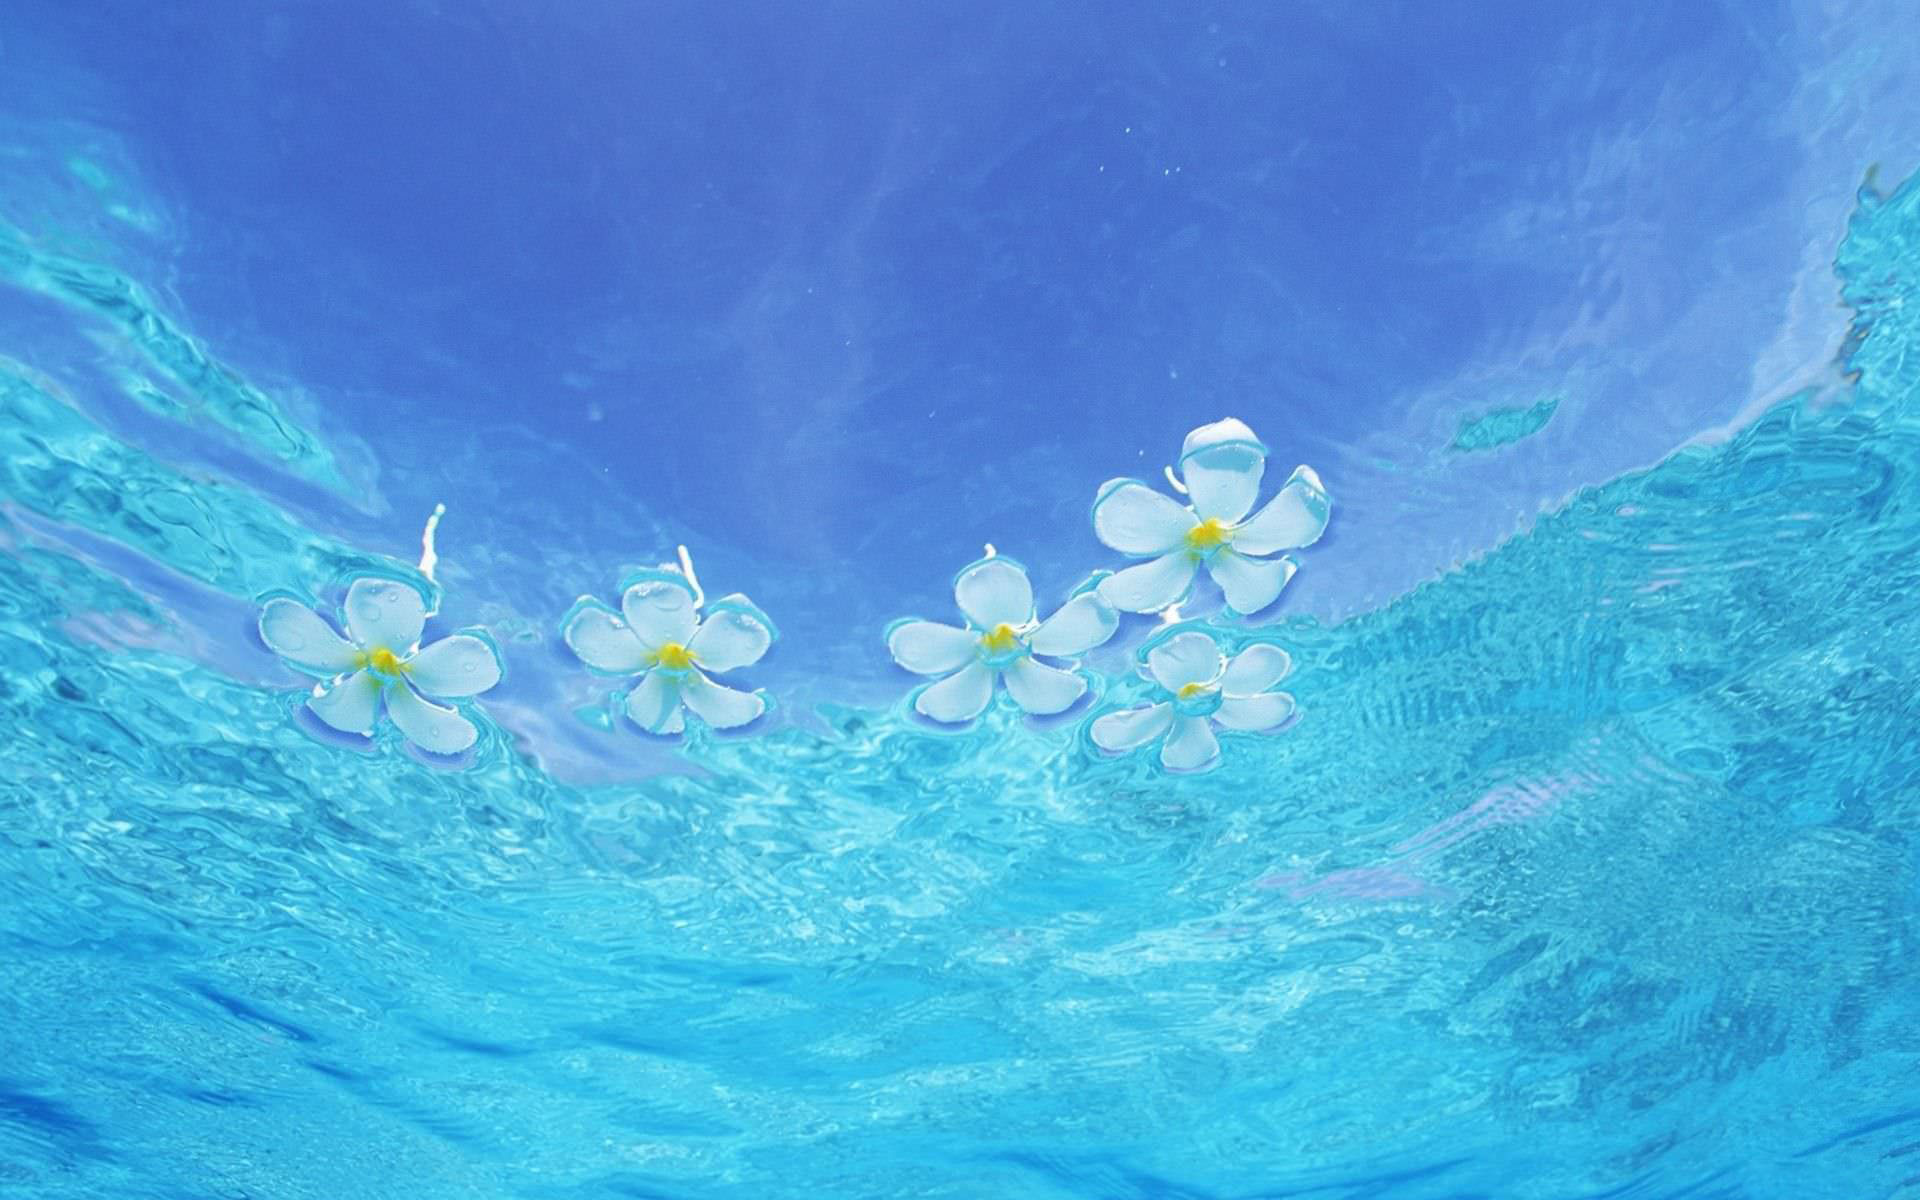 Hình nền nước xanh dương đẹp